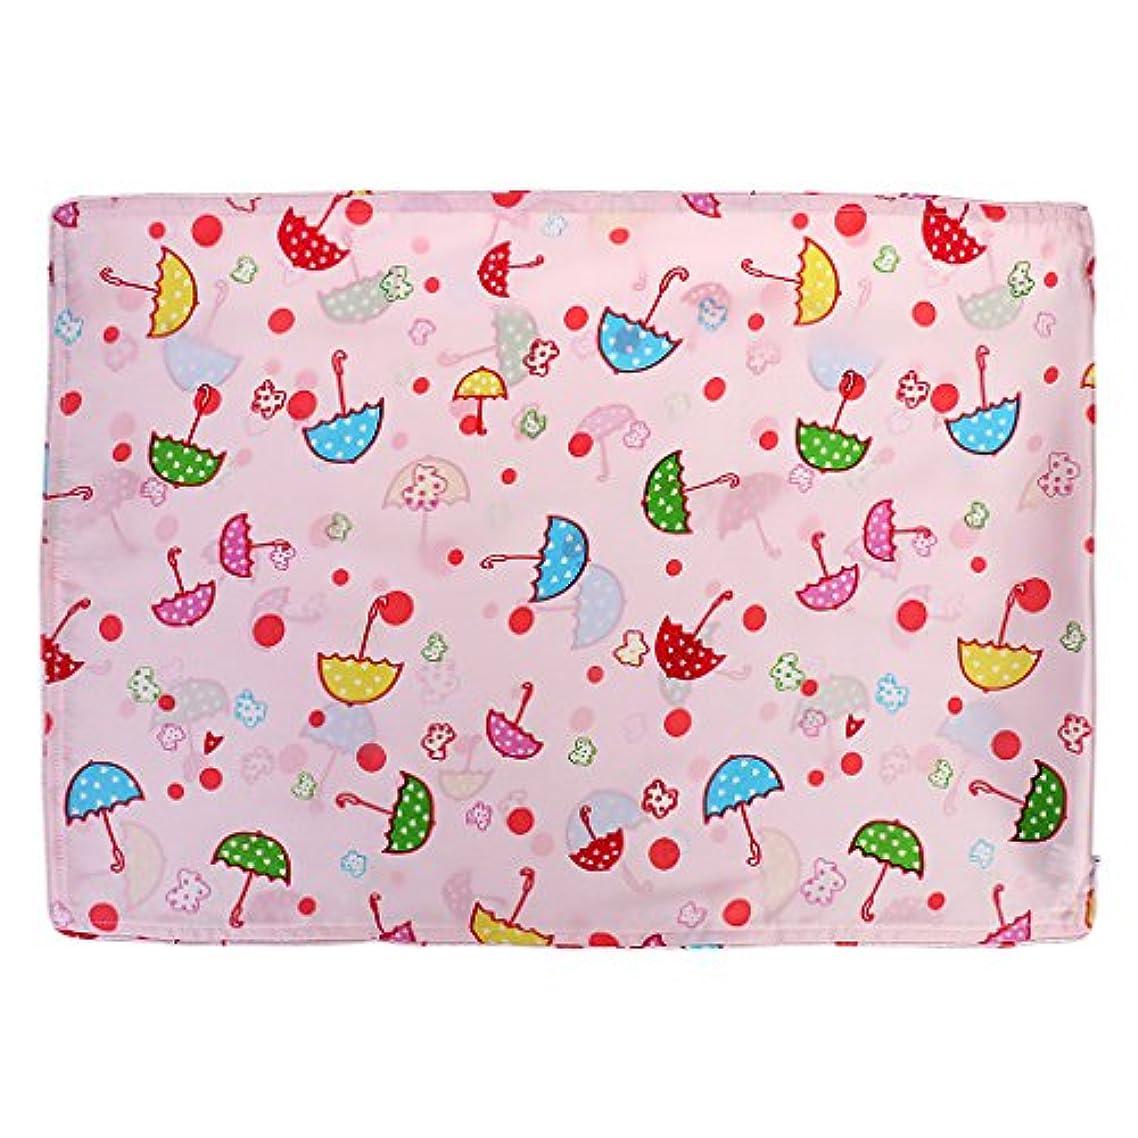 悲観主義者コードレスギターかわいいベビーキッズ100%シルクサテン両面枕カバー30 * 55センチメートル傘ピンク